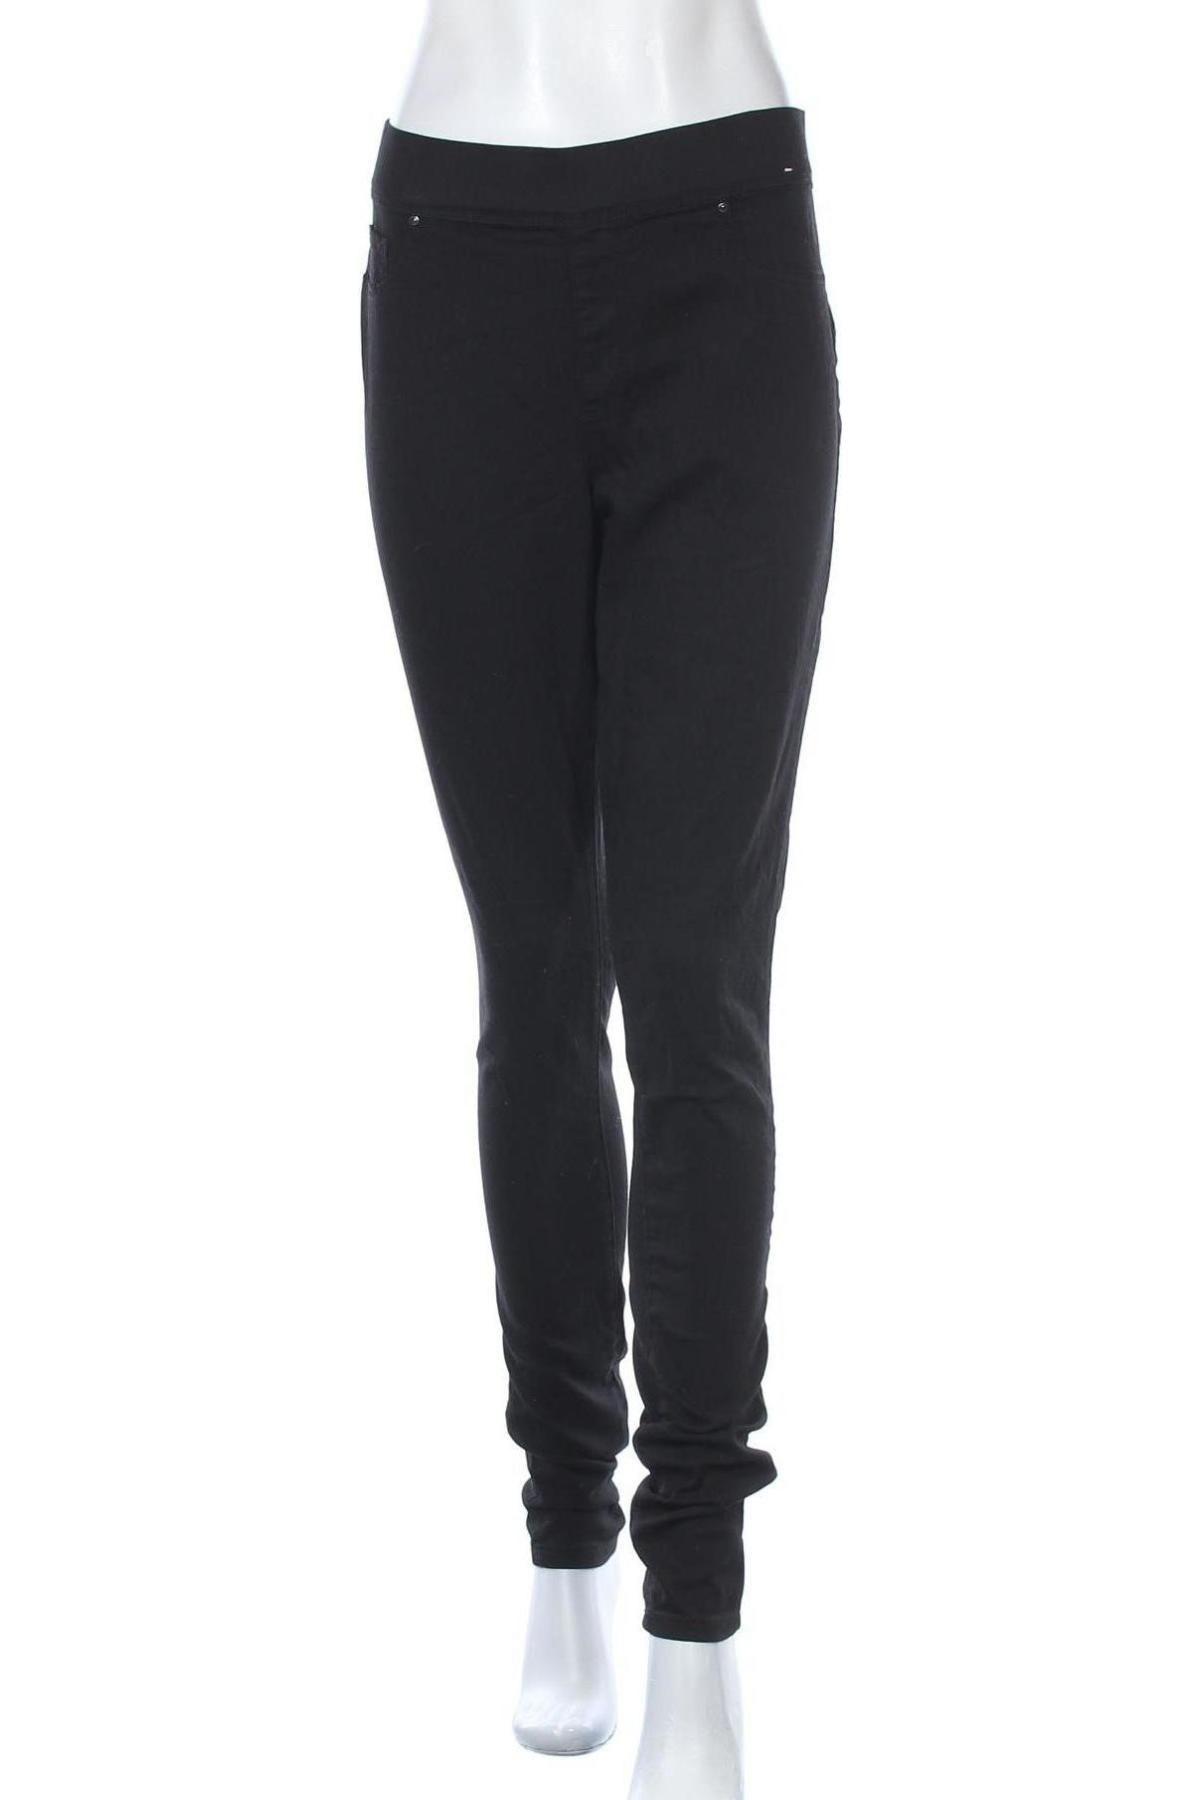 Дамски дънки Denim Co, Размер L, Цвят Черен, 56% памук, 22% полиестер, 20% вискоза, 2% еластан, Цена 23,52лв.